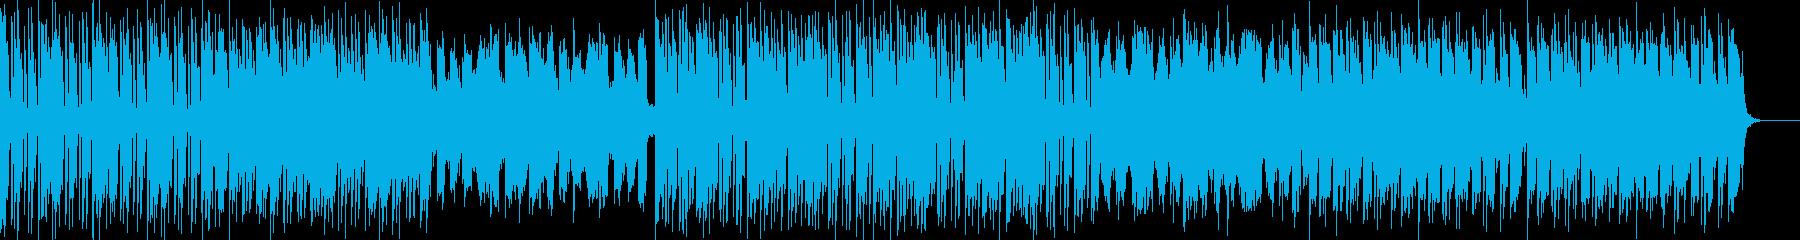 盛り上がるゲームのバトル曲の再生済みの波形